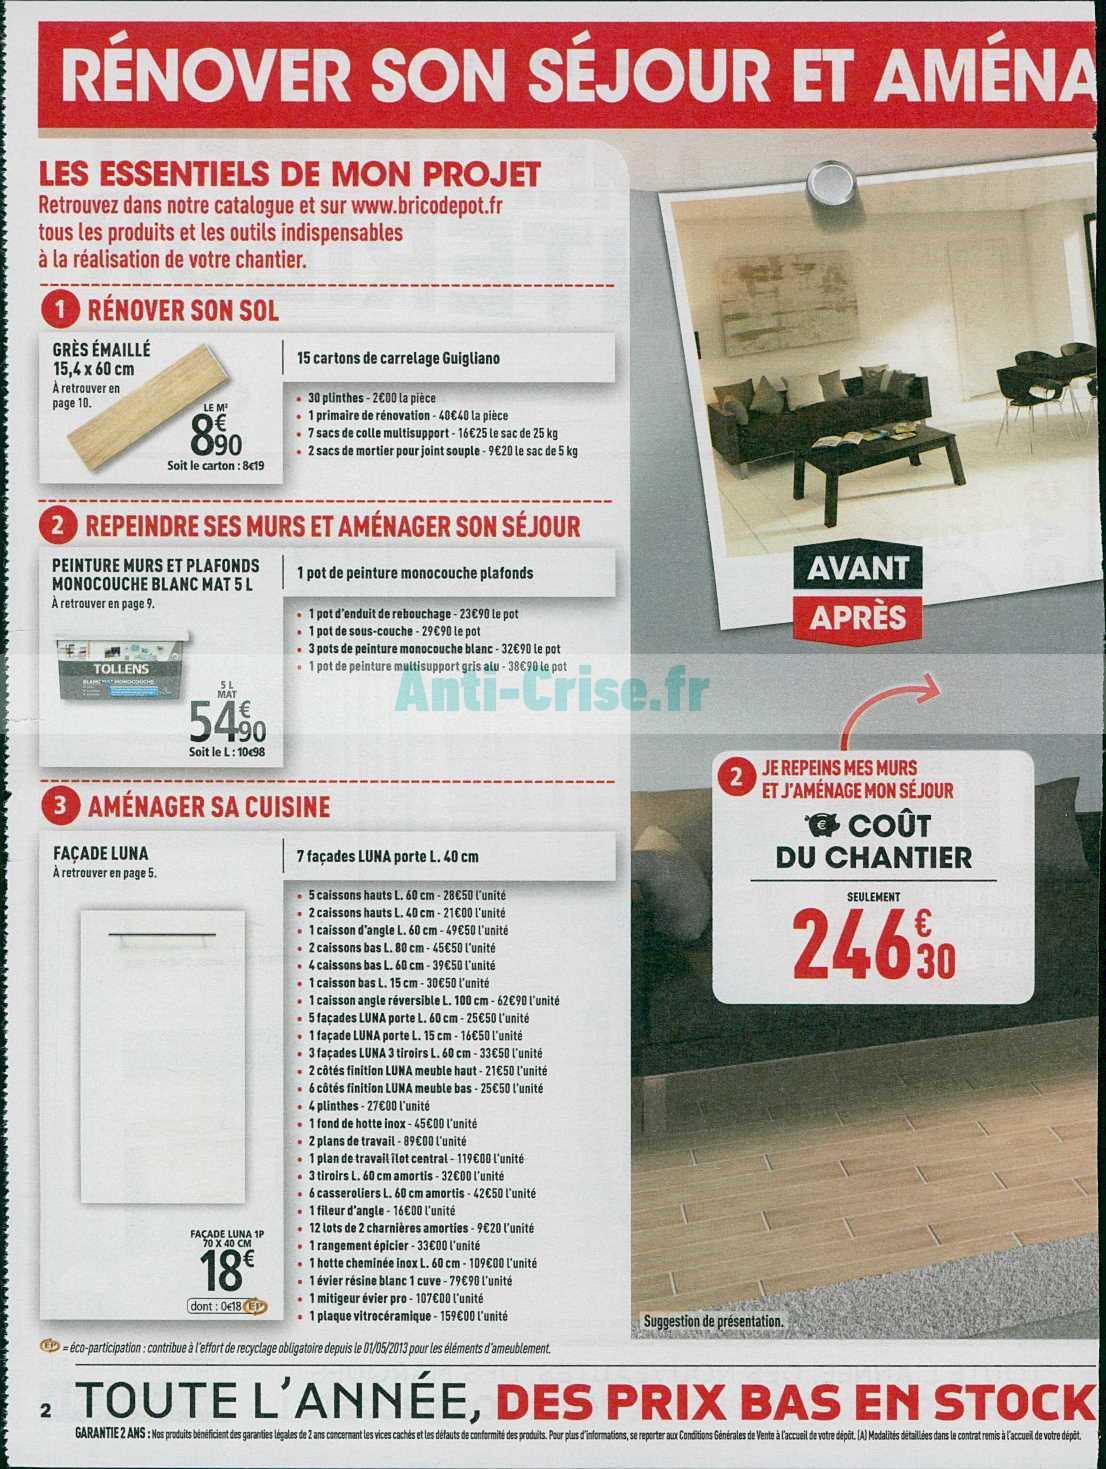 Brico Depot Le Nouveau Catalogue Du 09 Au 30 Novembre 2018 Est Disponible Que Vous Reserve Le Dernier Catalogue